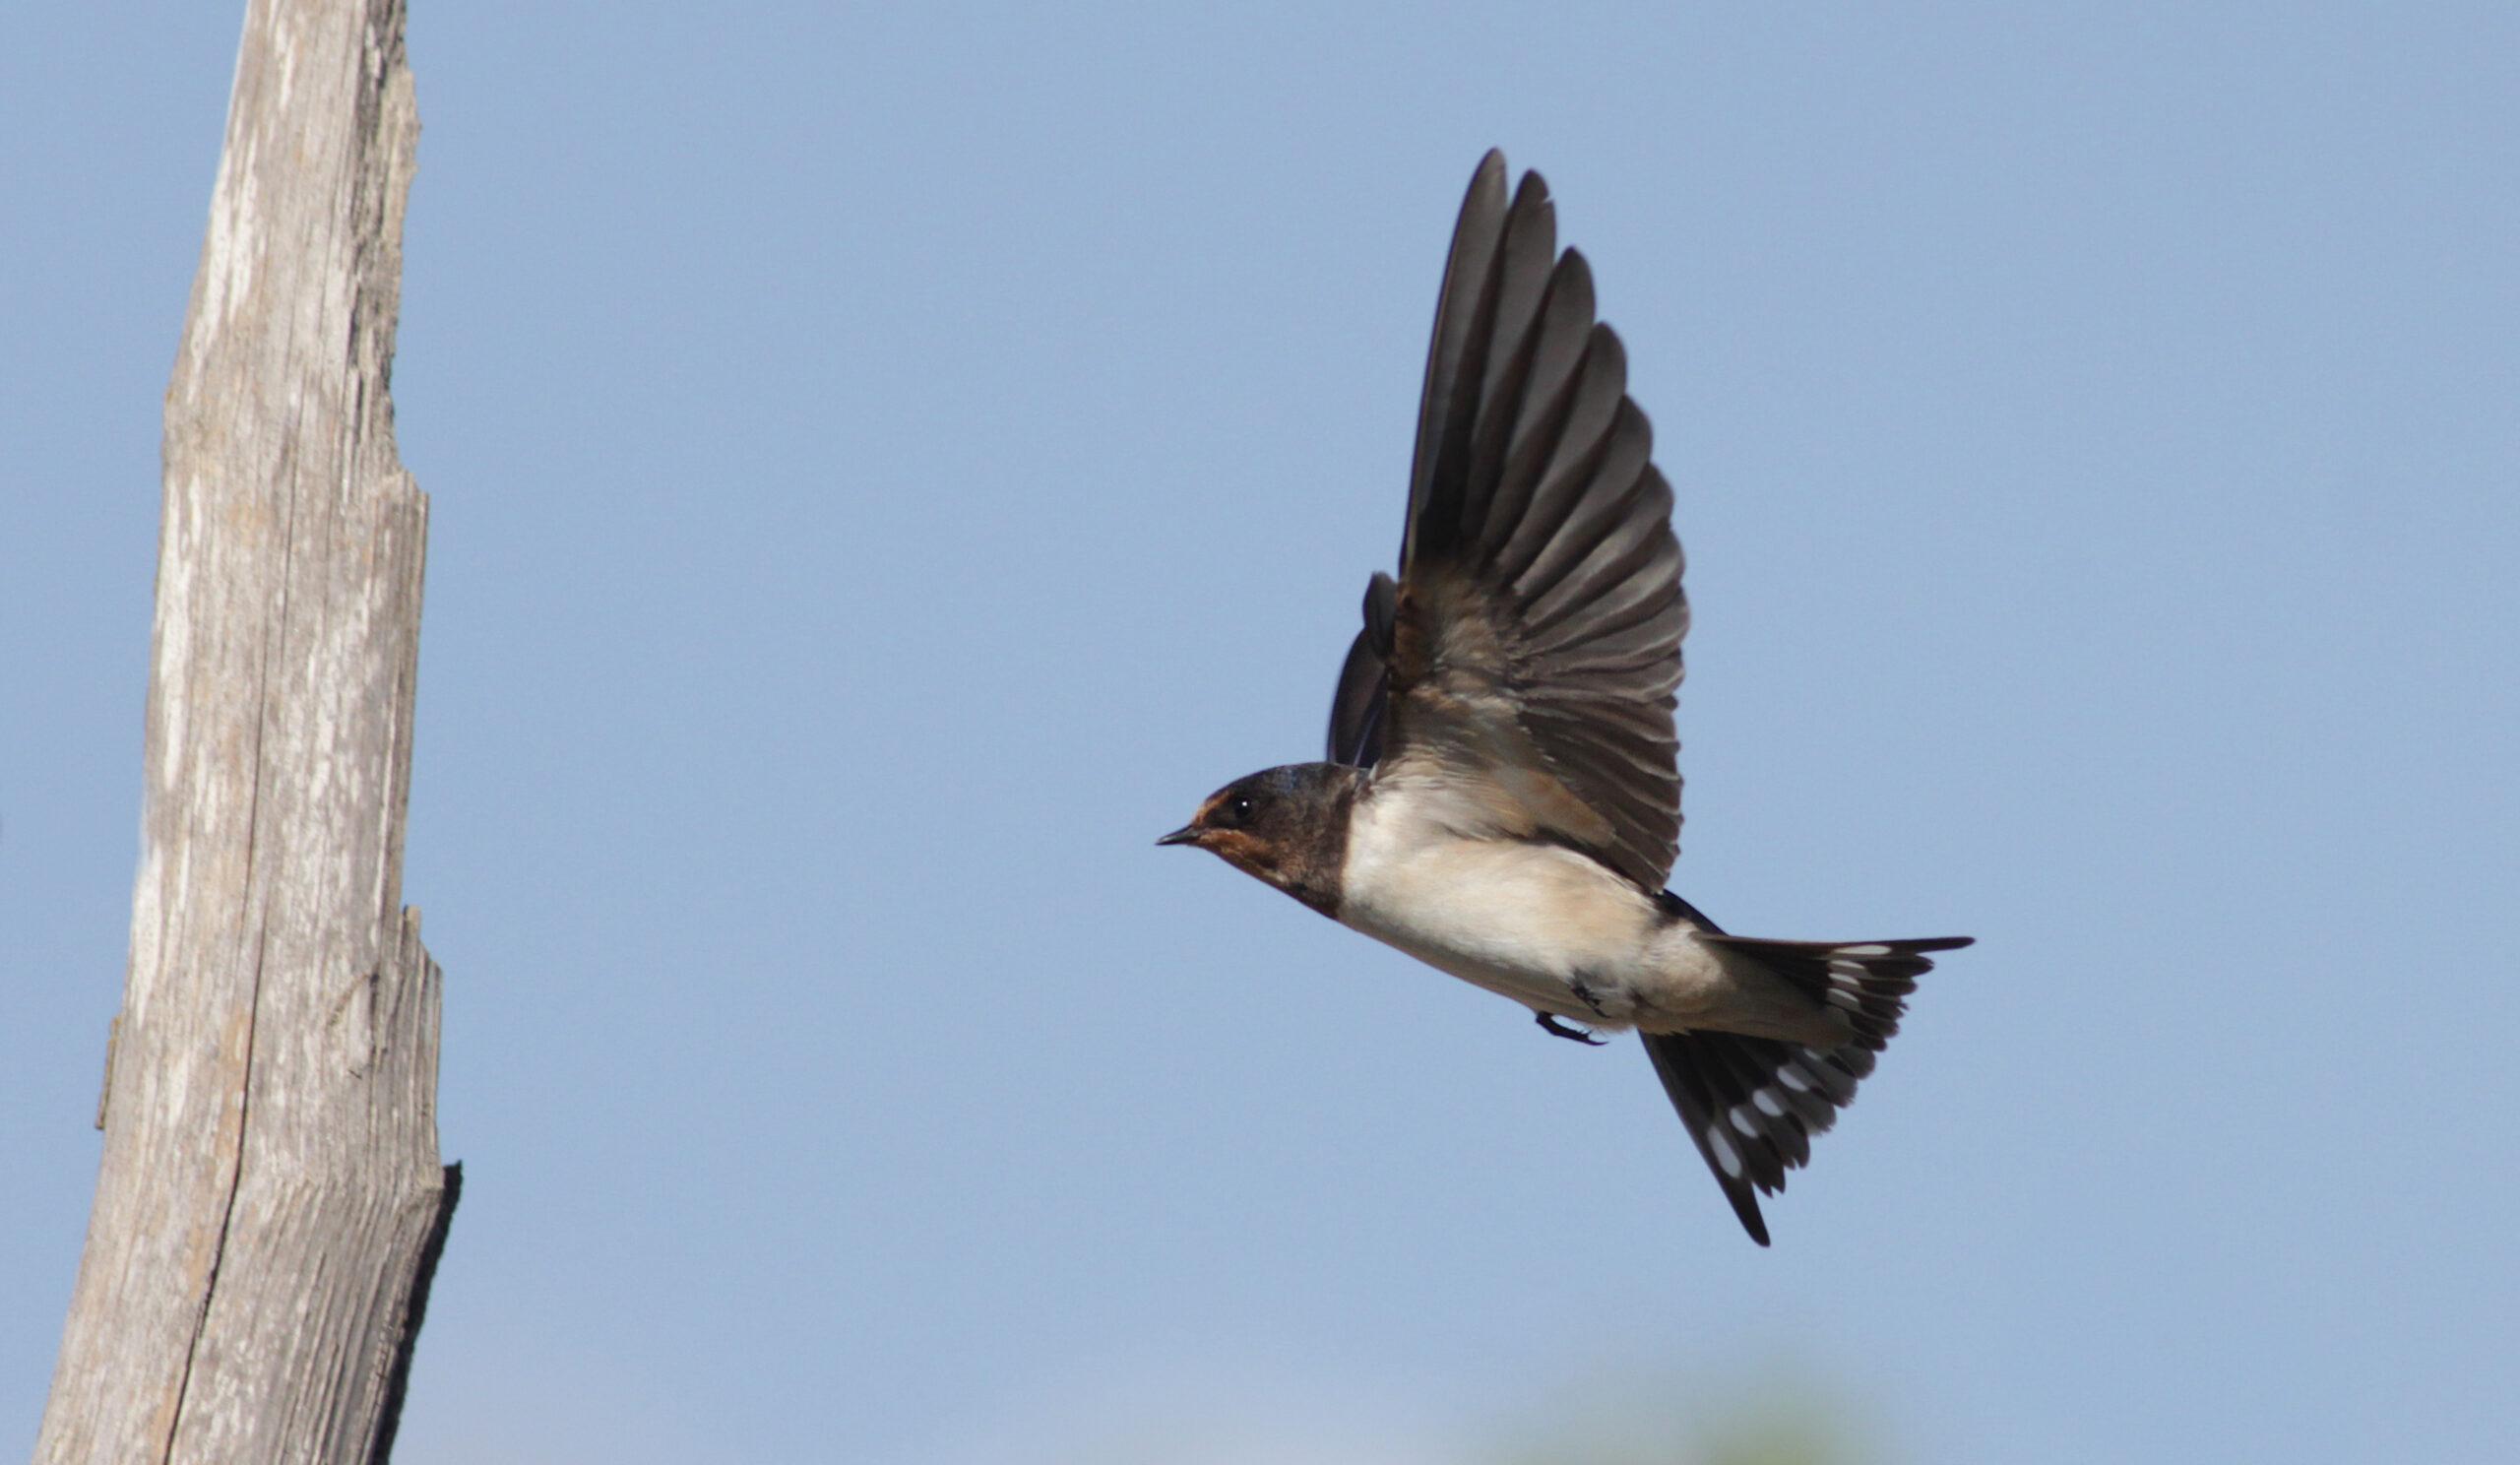 Spring Alive - BirdLife Malta